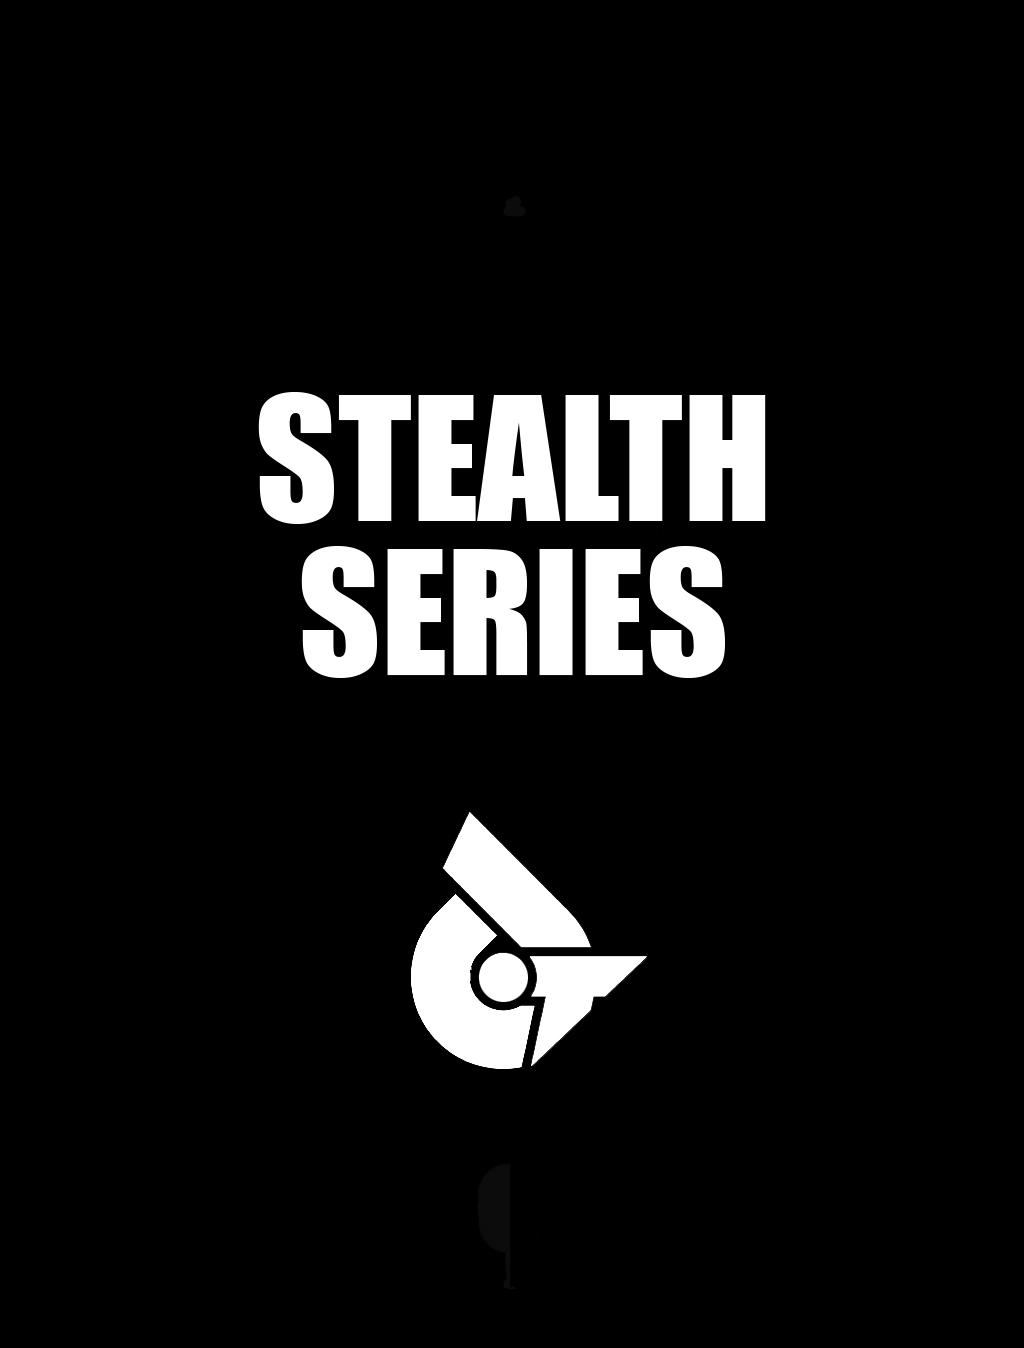 dt_logo_stealth_052914.png